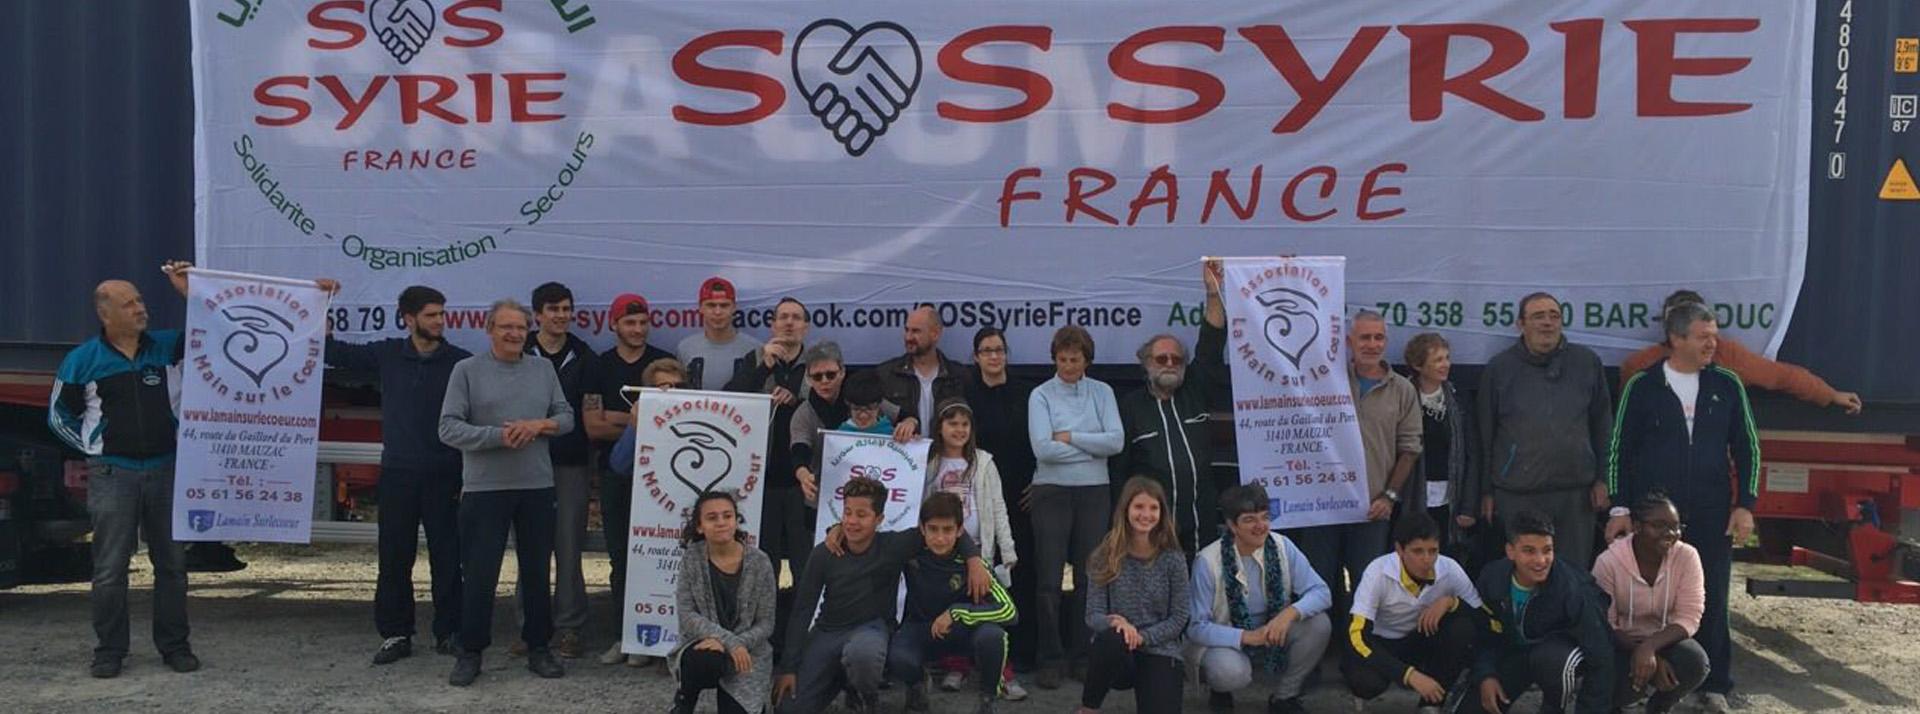 La main sur le cœur aide SOS Syrie